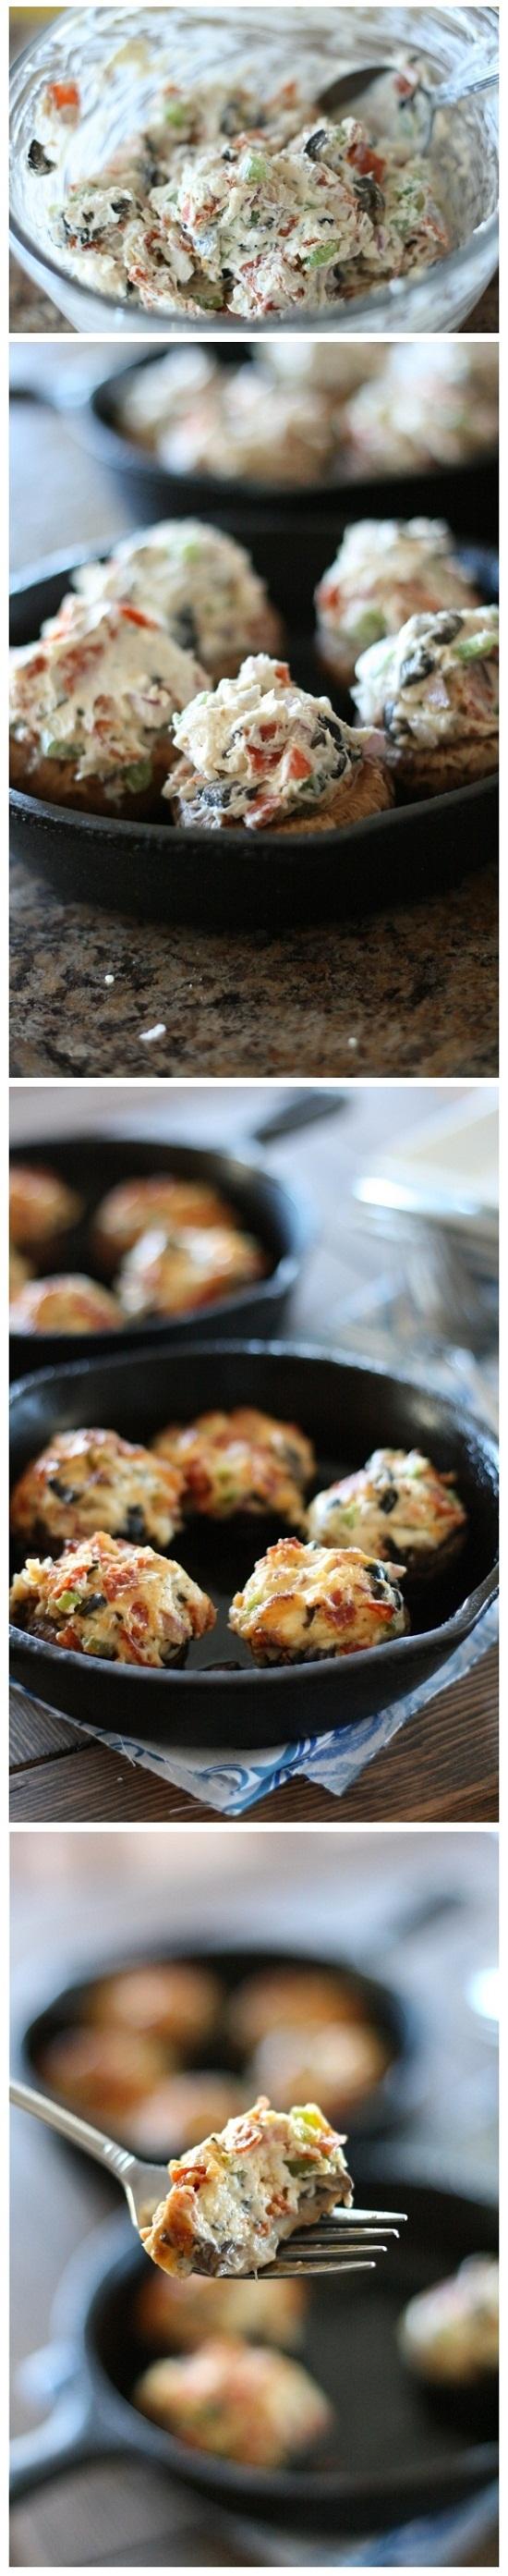 Pizza-Stuffed-Mushrooms-Recipe